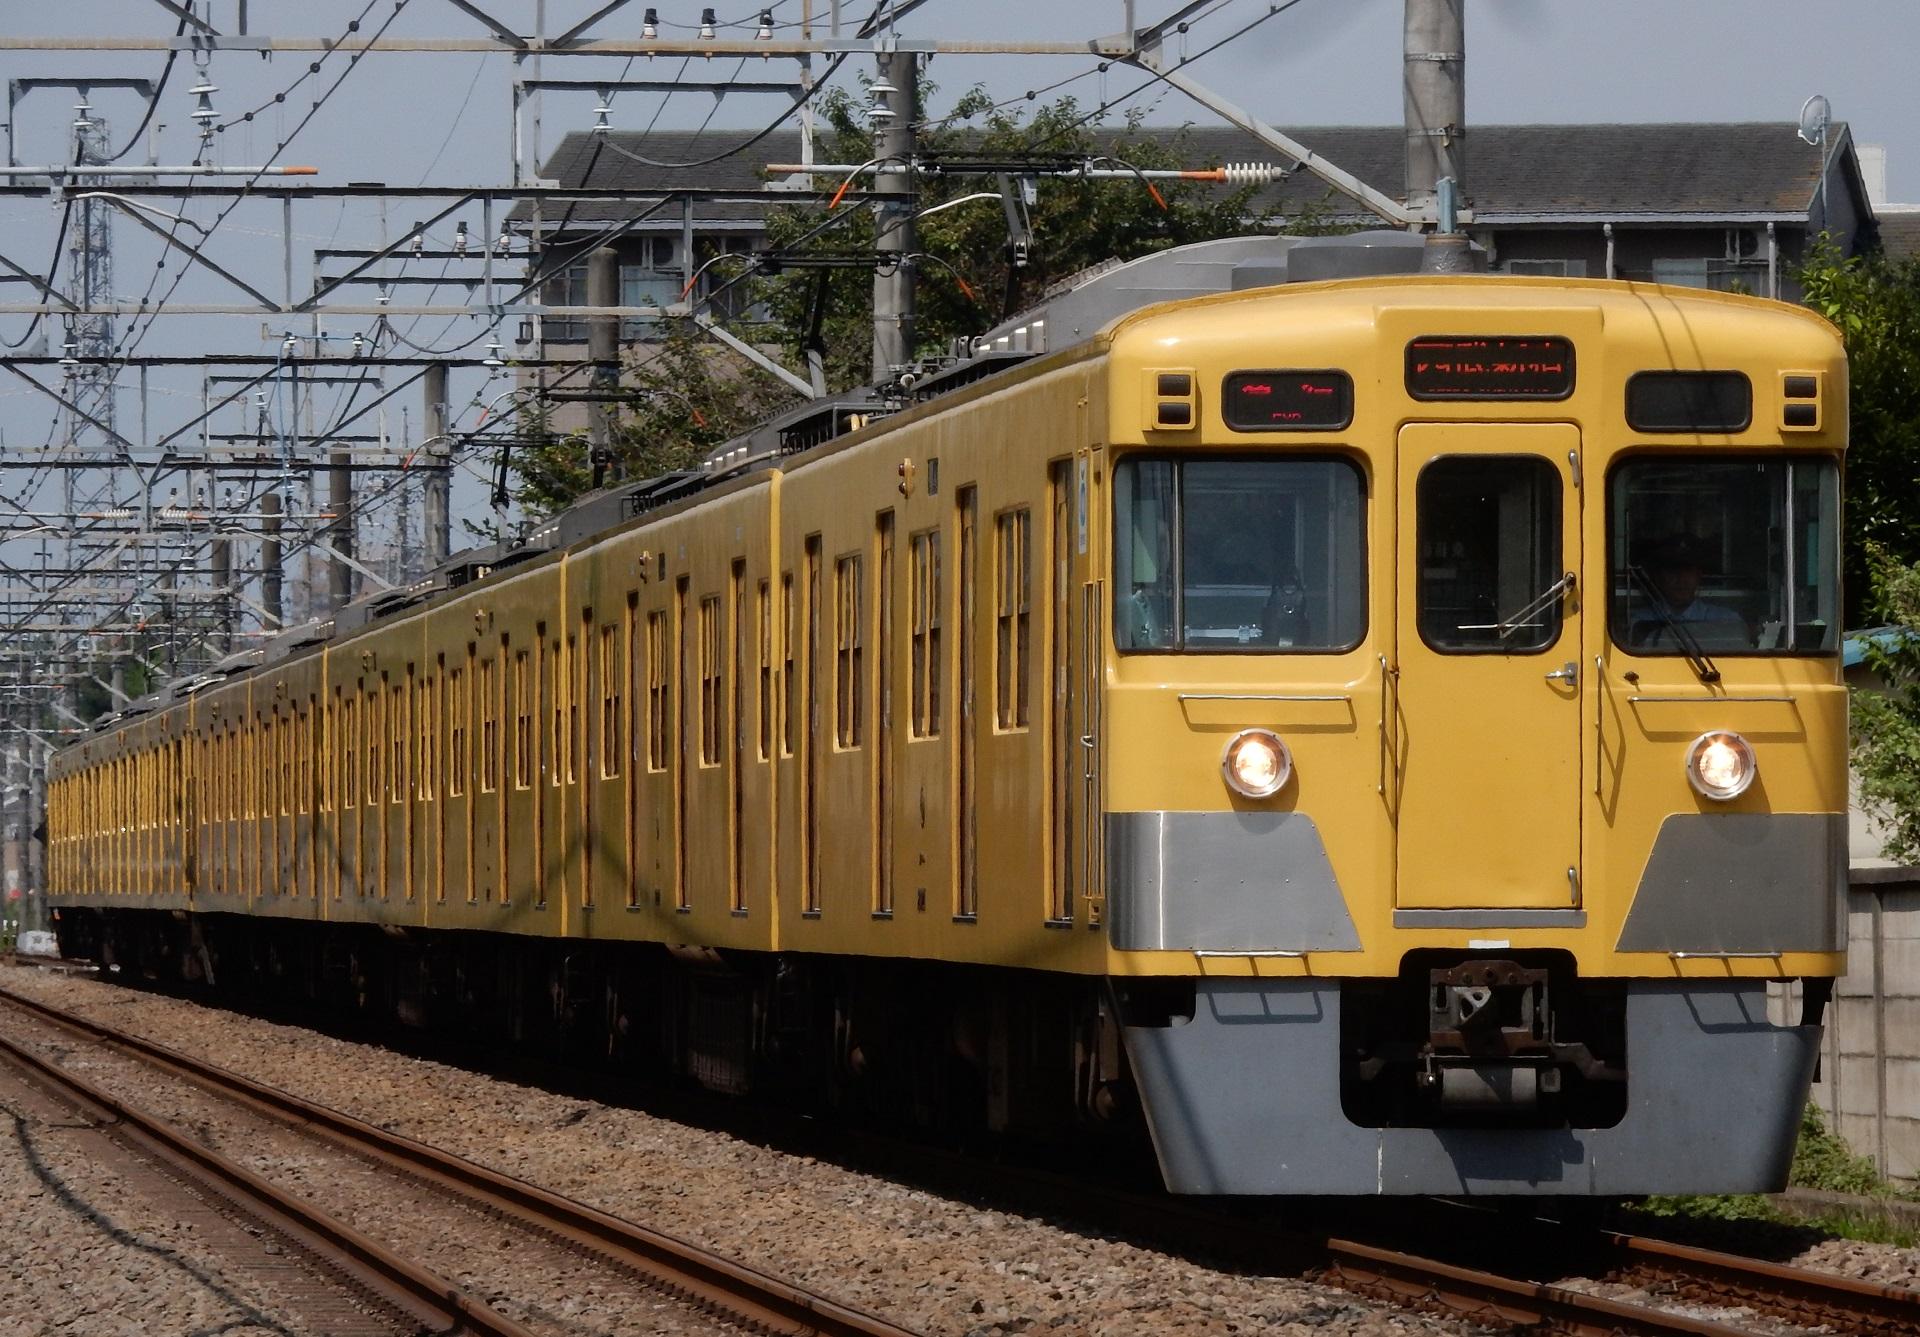 DSCN5043 - コピー